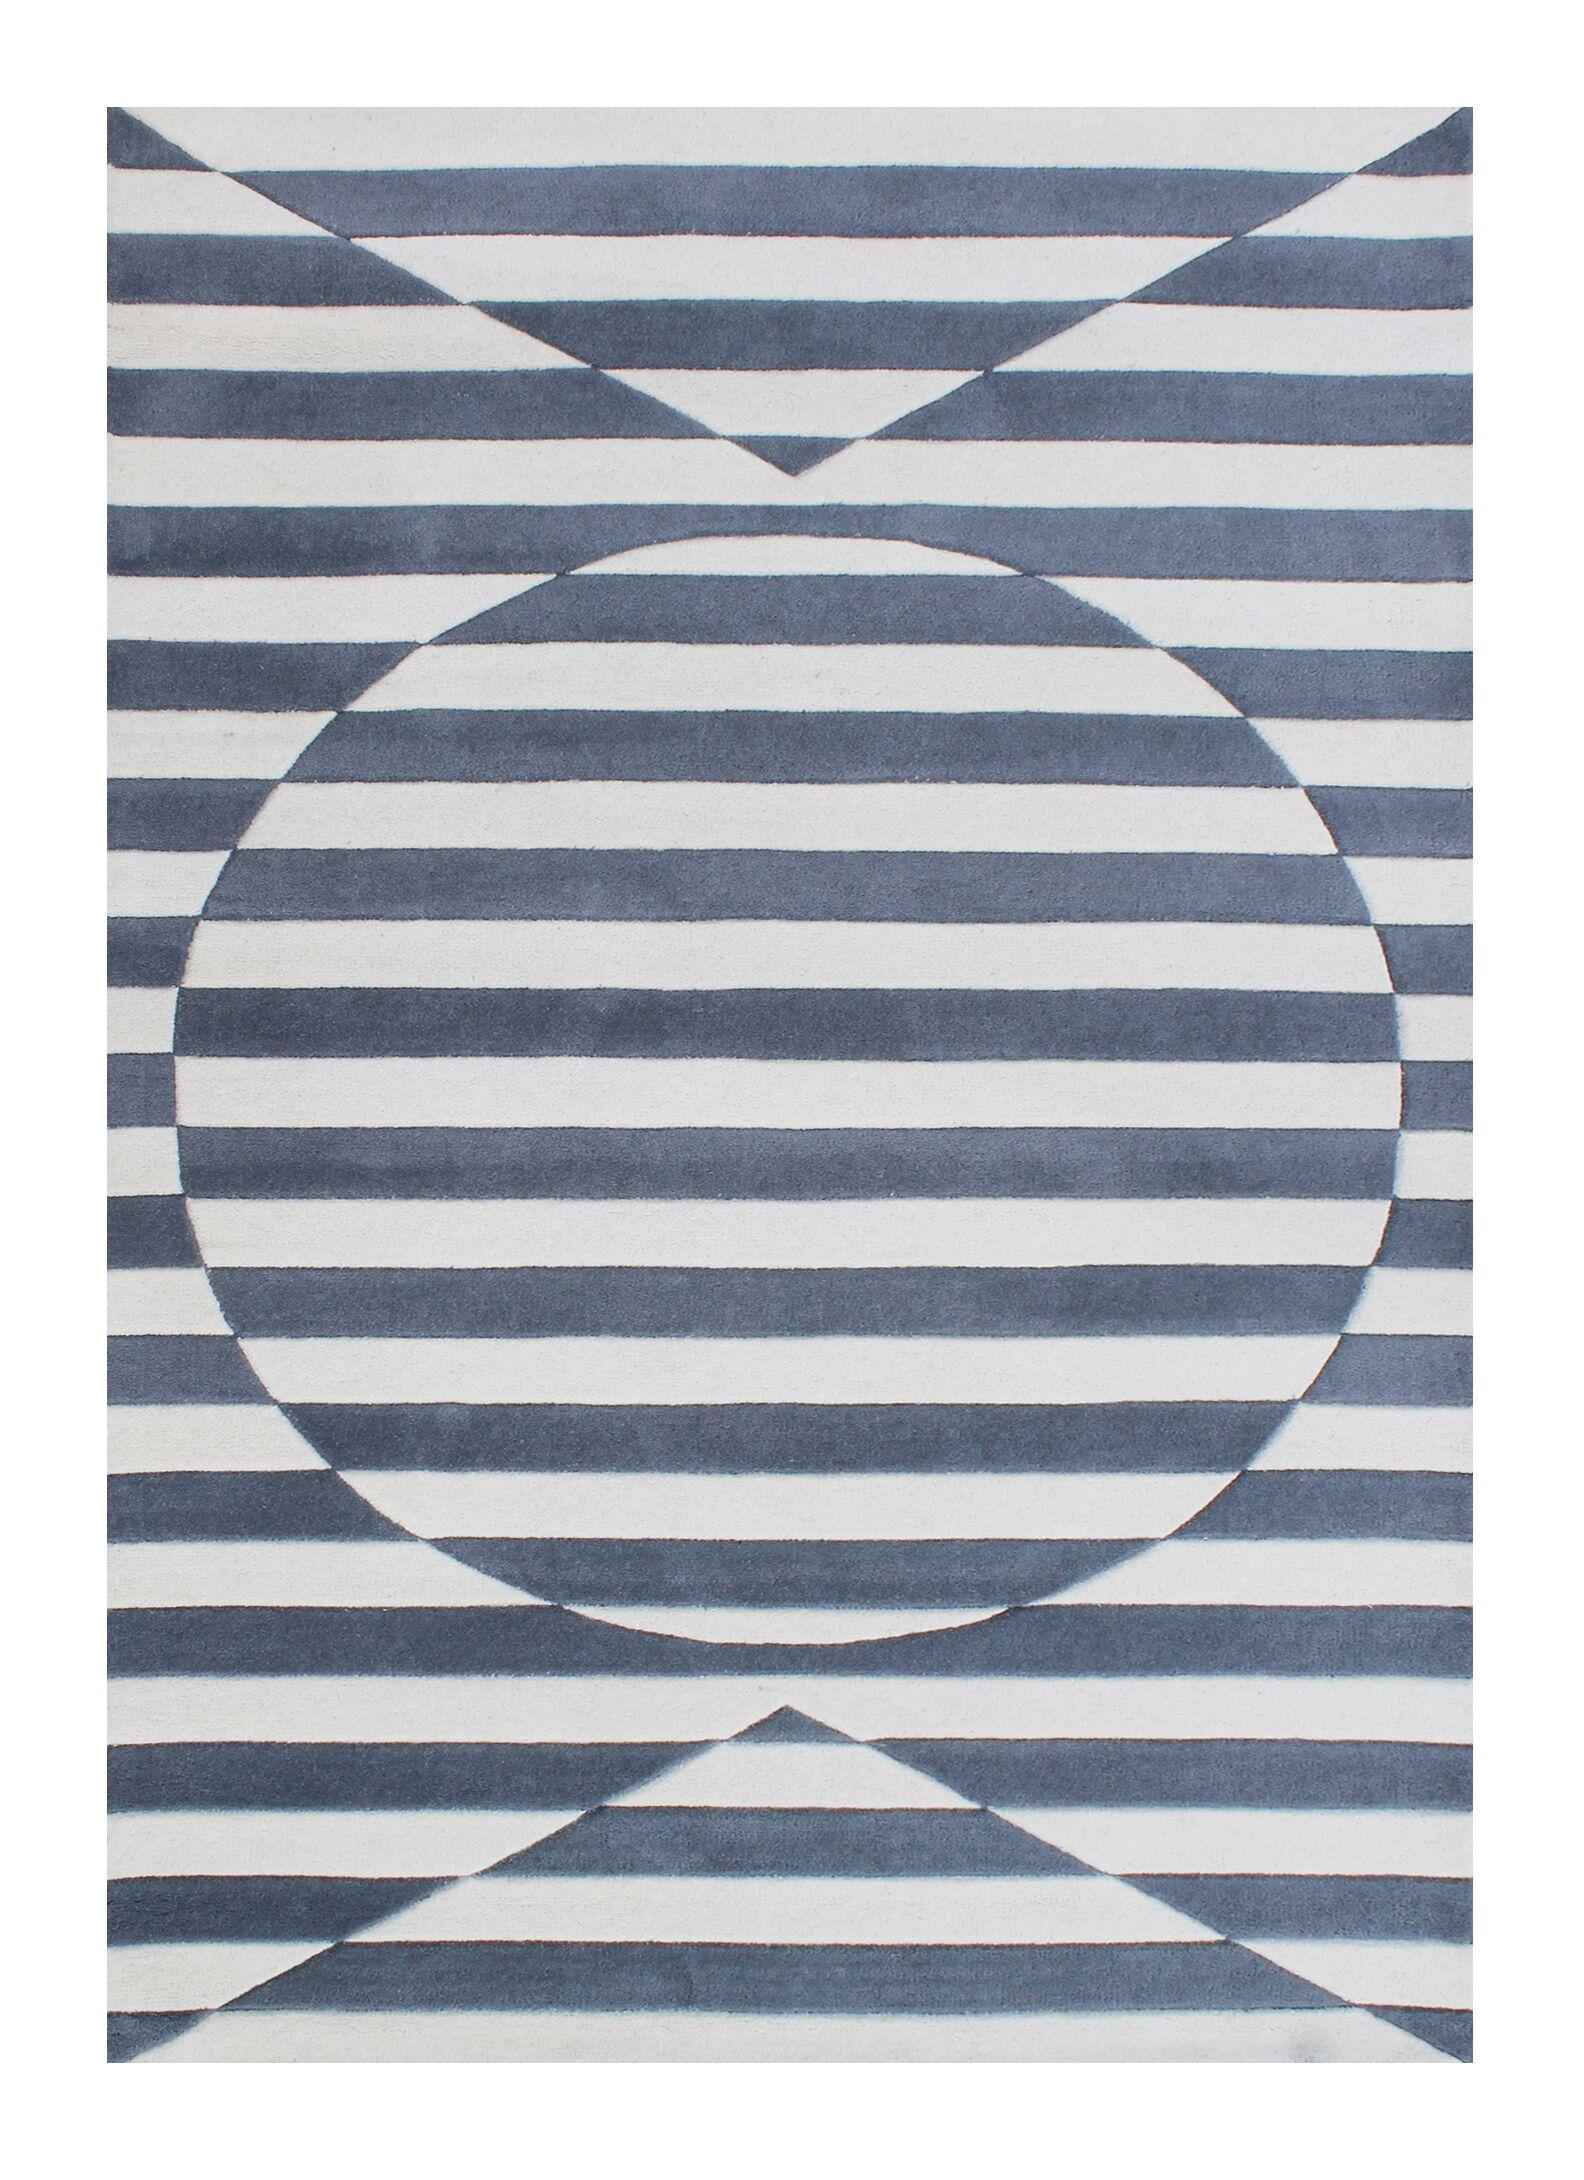 Darnall Hand-Woven Gray Area Rug Rug Size: 8' X 10'